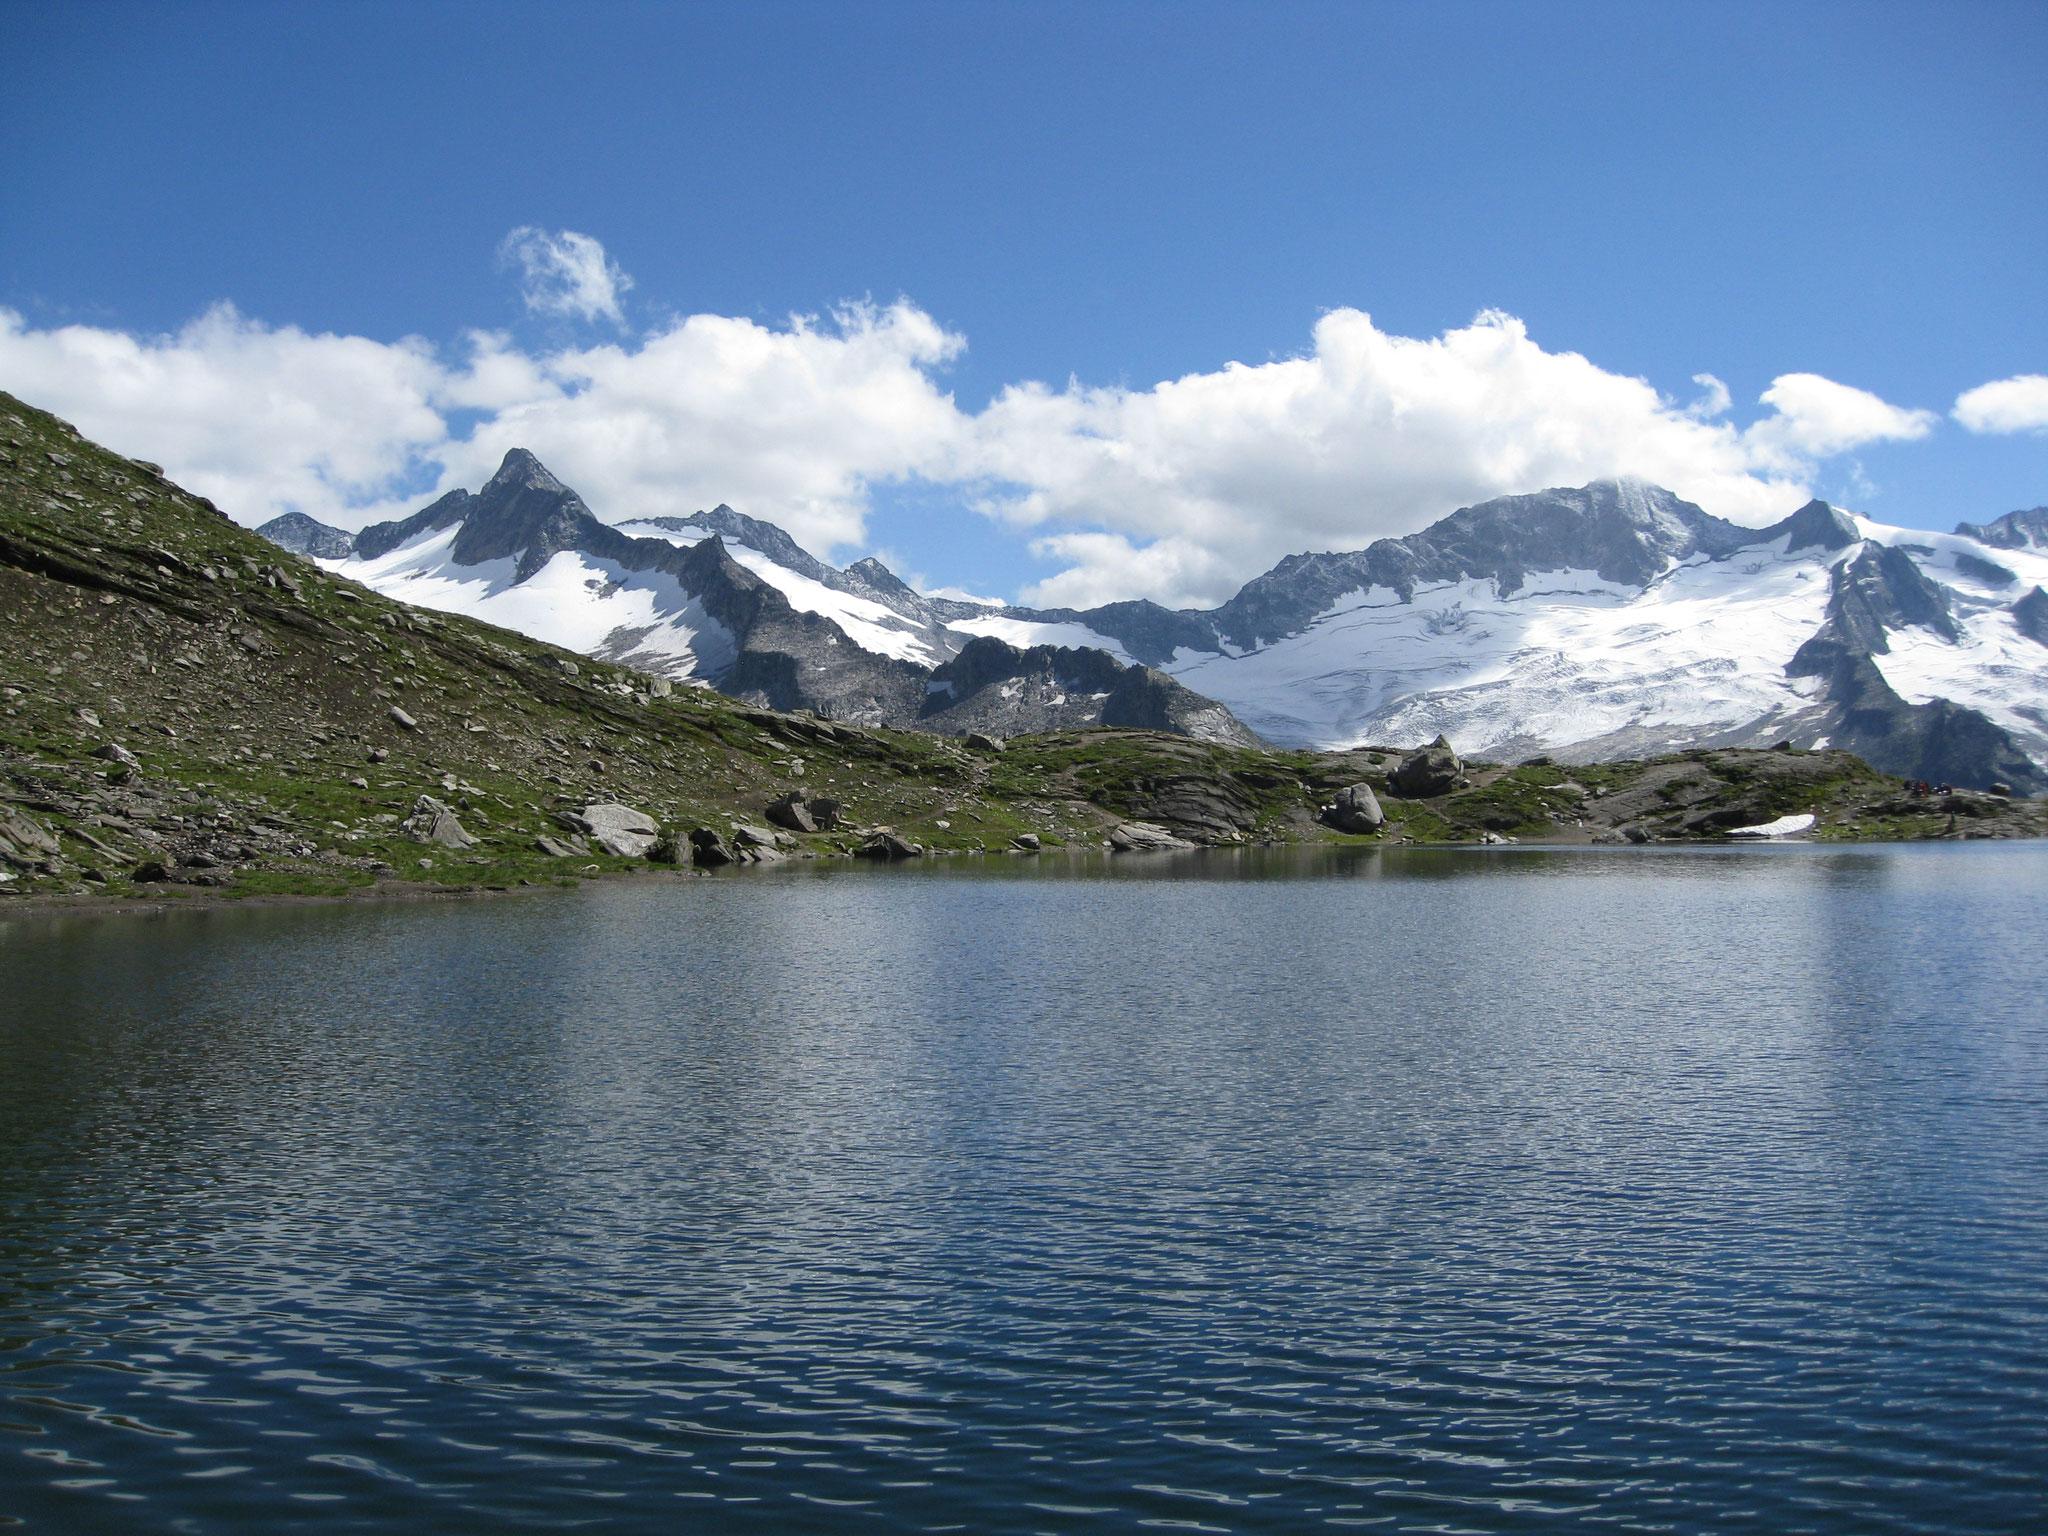 Der Blick über den Schwarzsee auf Gipfel und Gletscher der Zillertaler Alpen.